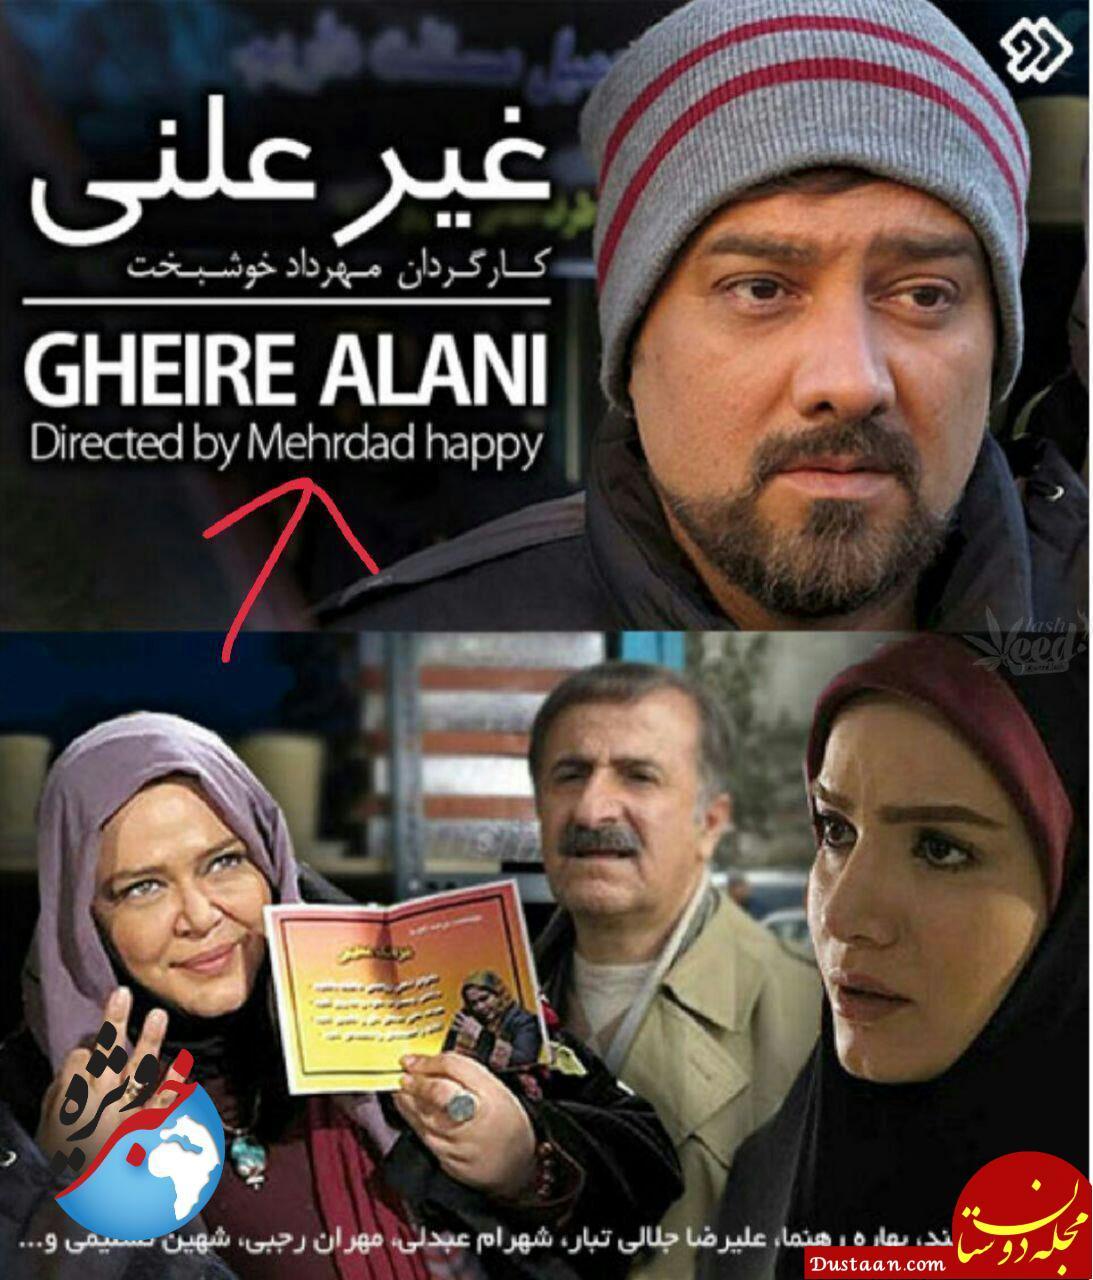 www.dustaan.com سوتی عجیب در پوستر انگلیسی یک فیلم ایرانی! +عکس